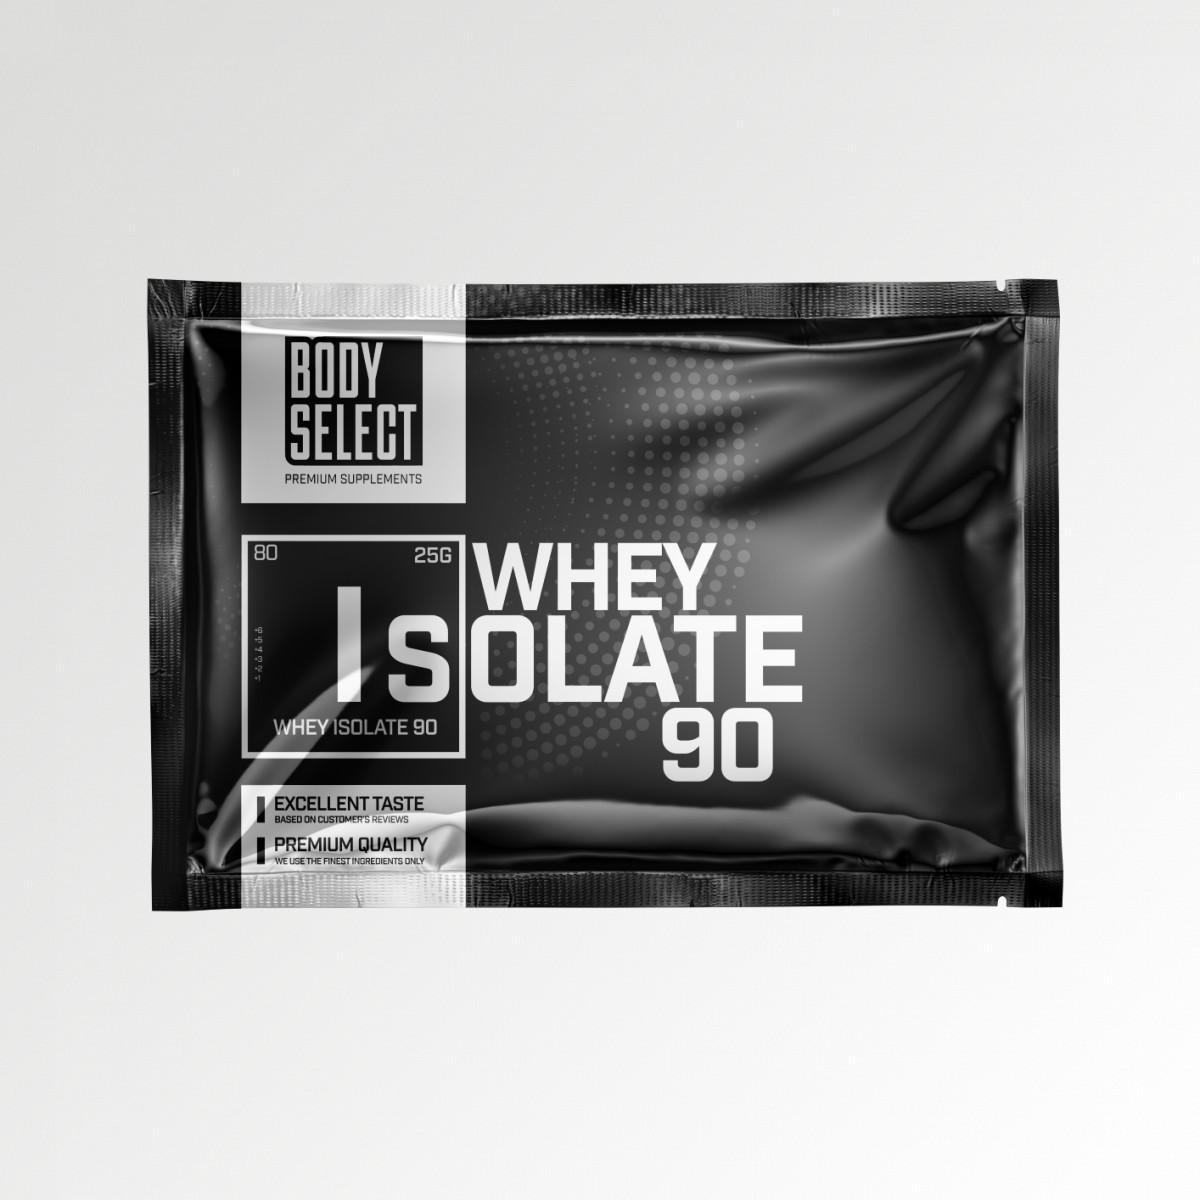 Whey Isolate 90